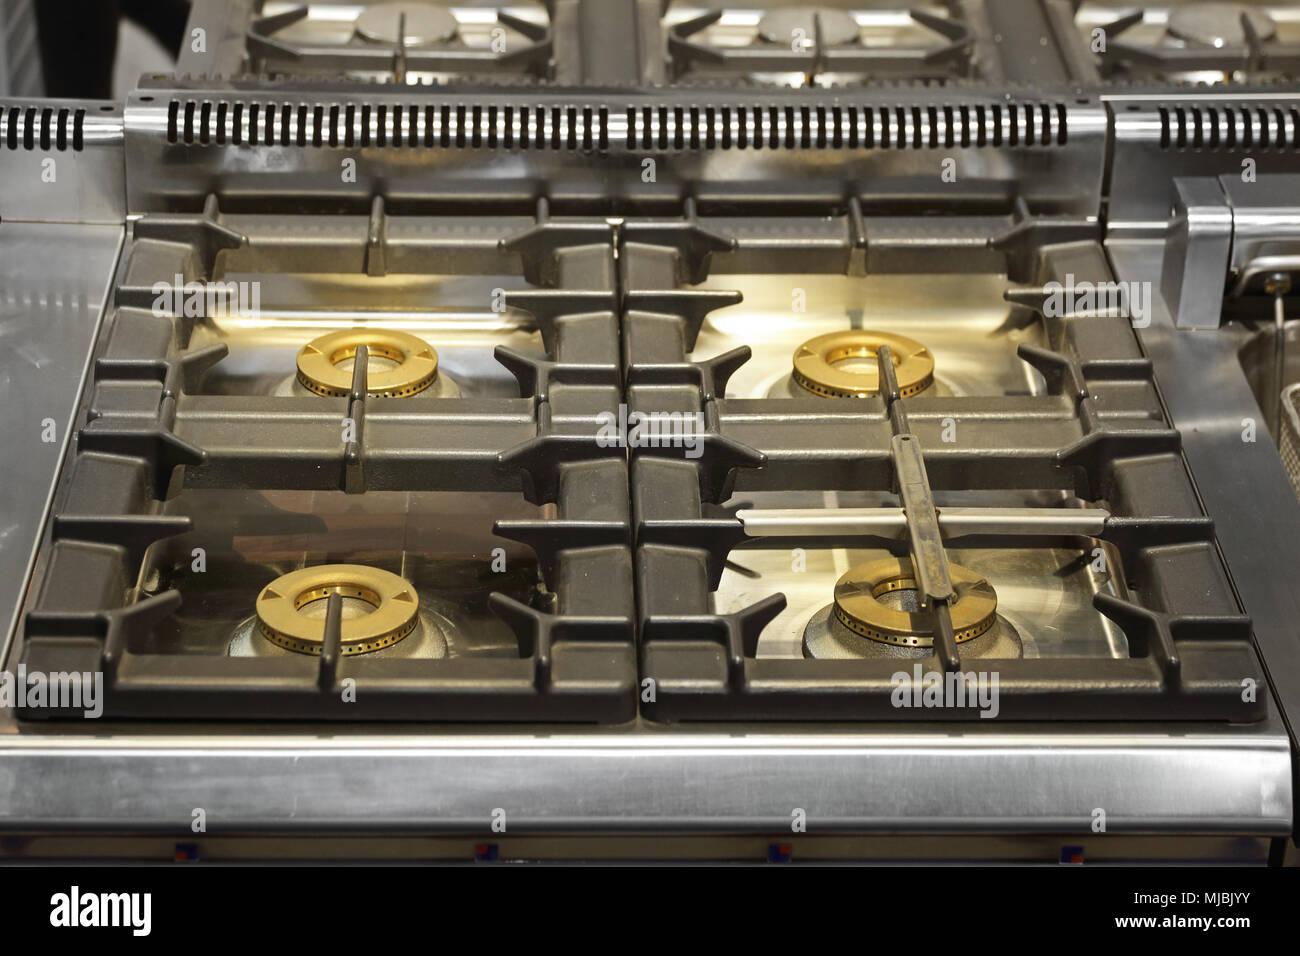 Nett Küchengeräte Nord London Galerie - Küche Set Ideen ...